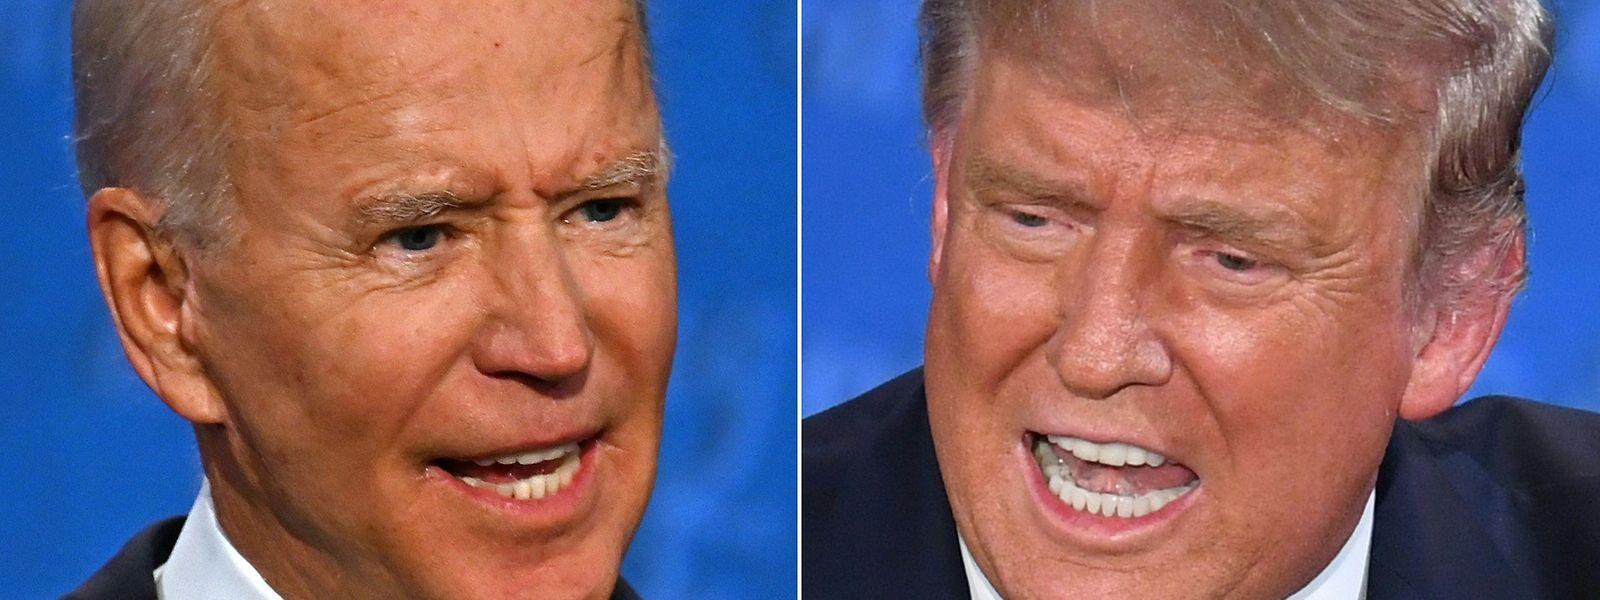 Das Duell zwischen Herausforderer Joe Biden und Amtsinhaber Donald Trump war geprägt von Beleidigungen und Beschimpfungen. Echte Debatten fanden nicht statt.